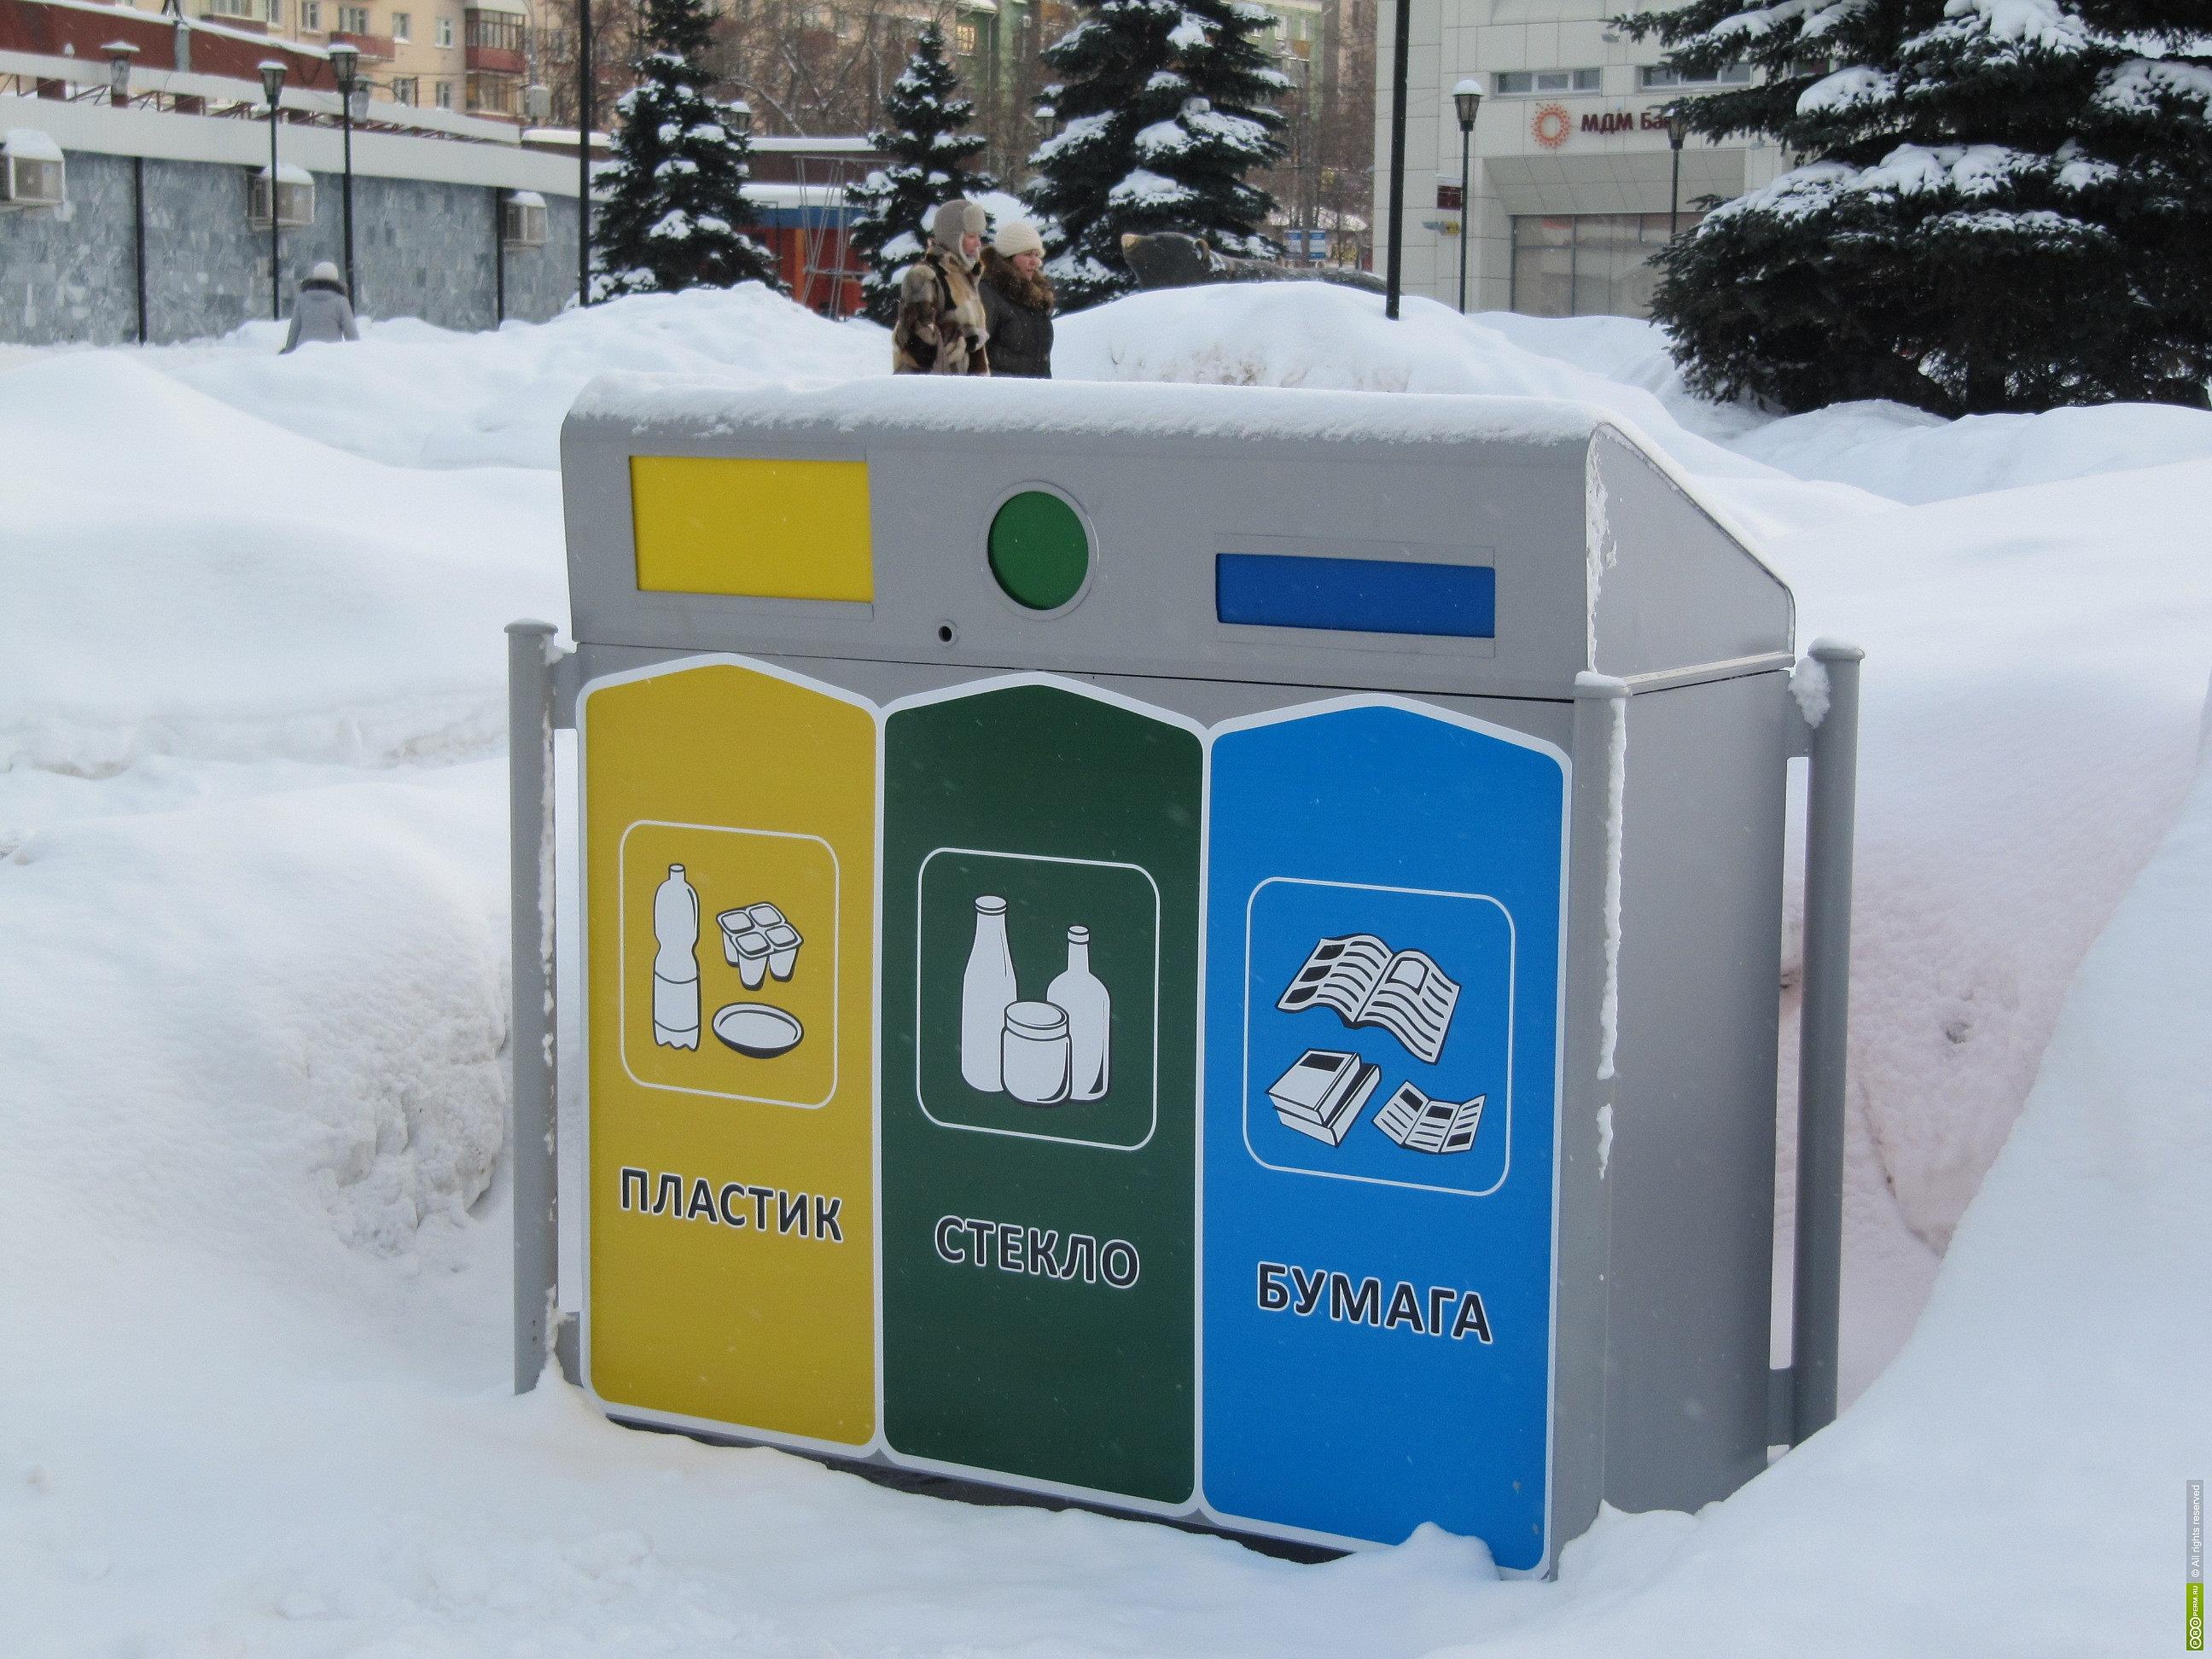 Губернатор Московской области Андрей Воробьев позитивно оценил раздельный сбор мусора вМытищах